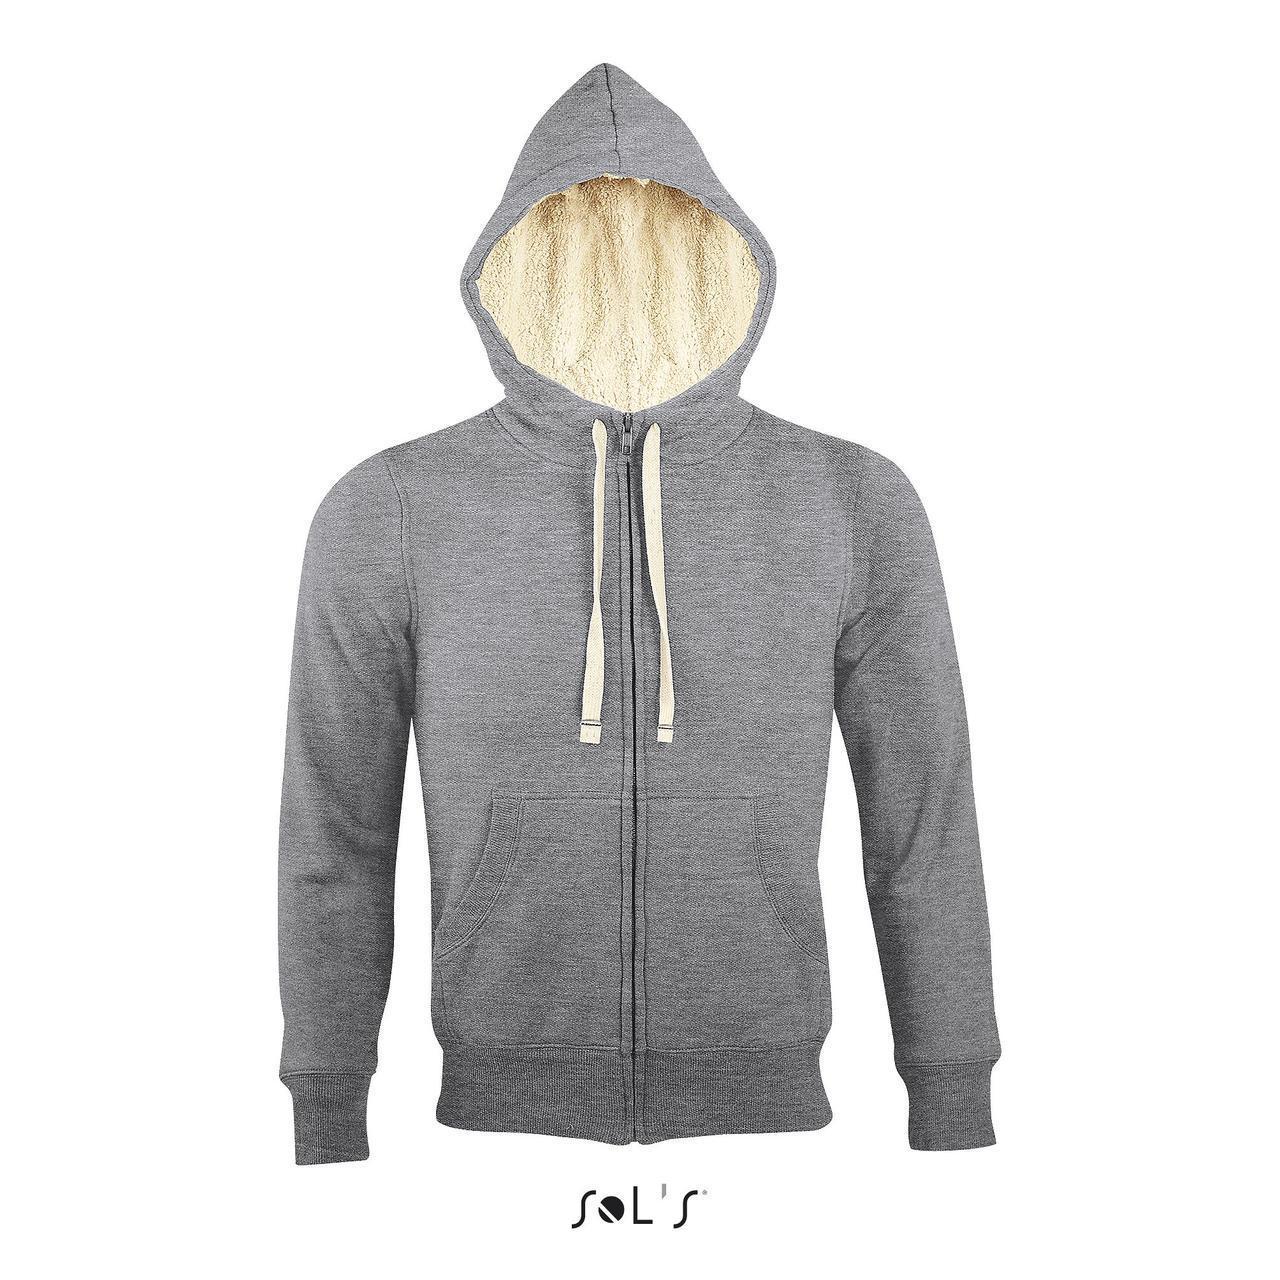 Толстовка | Sherpa Sols XL  | Серый